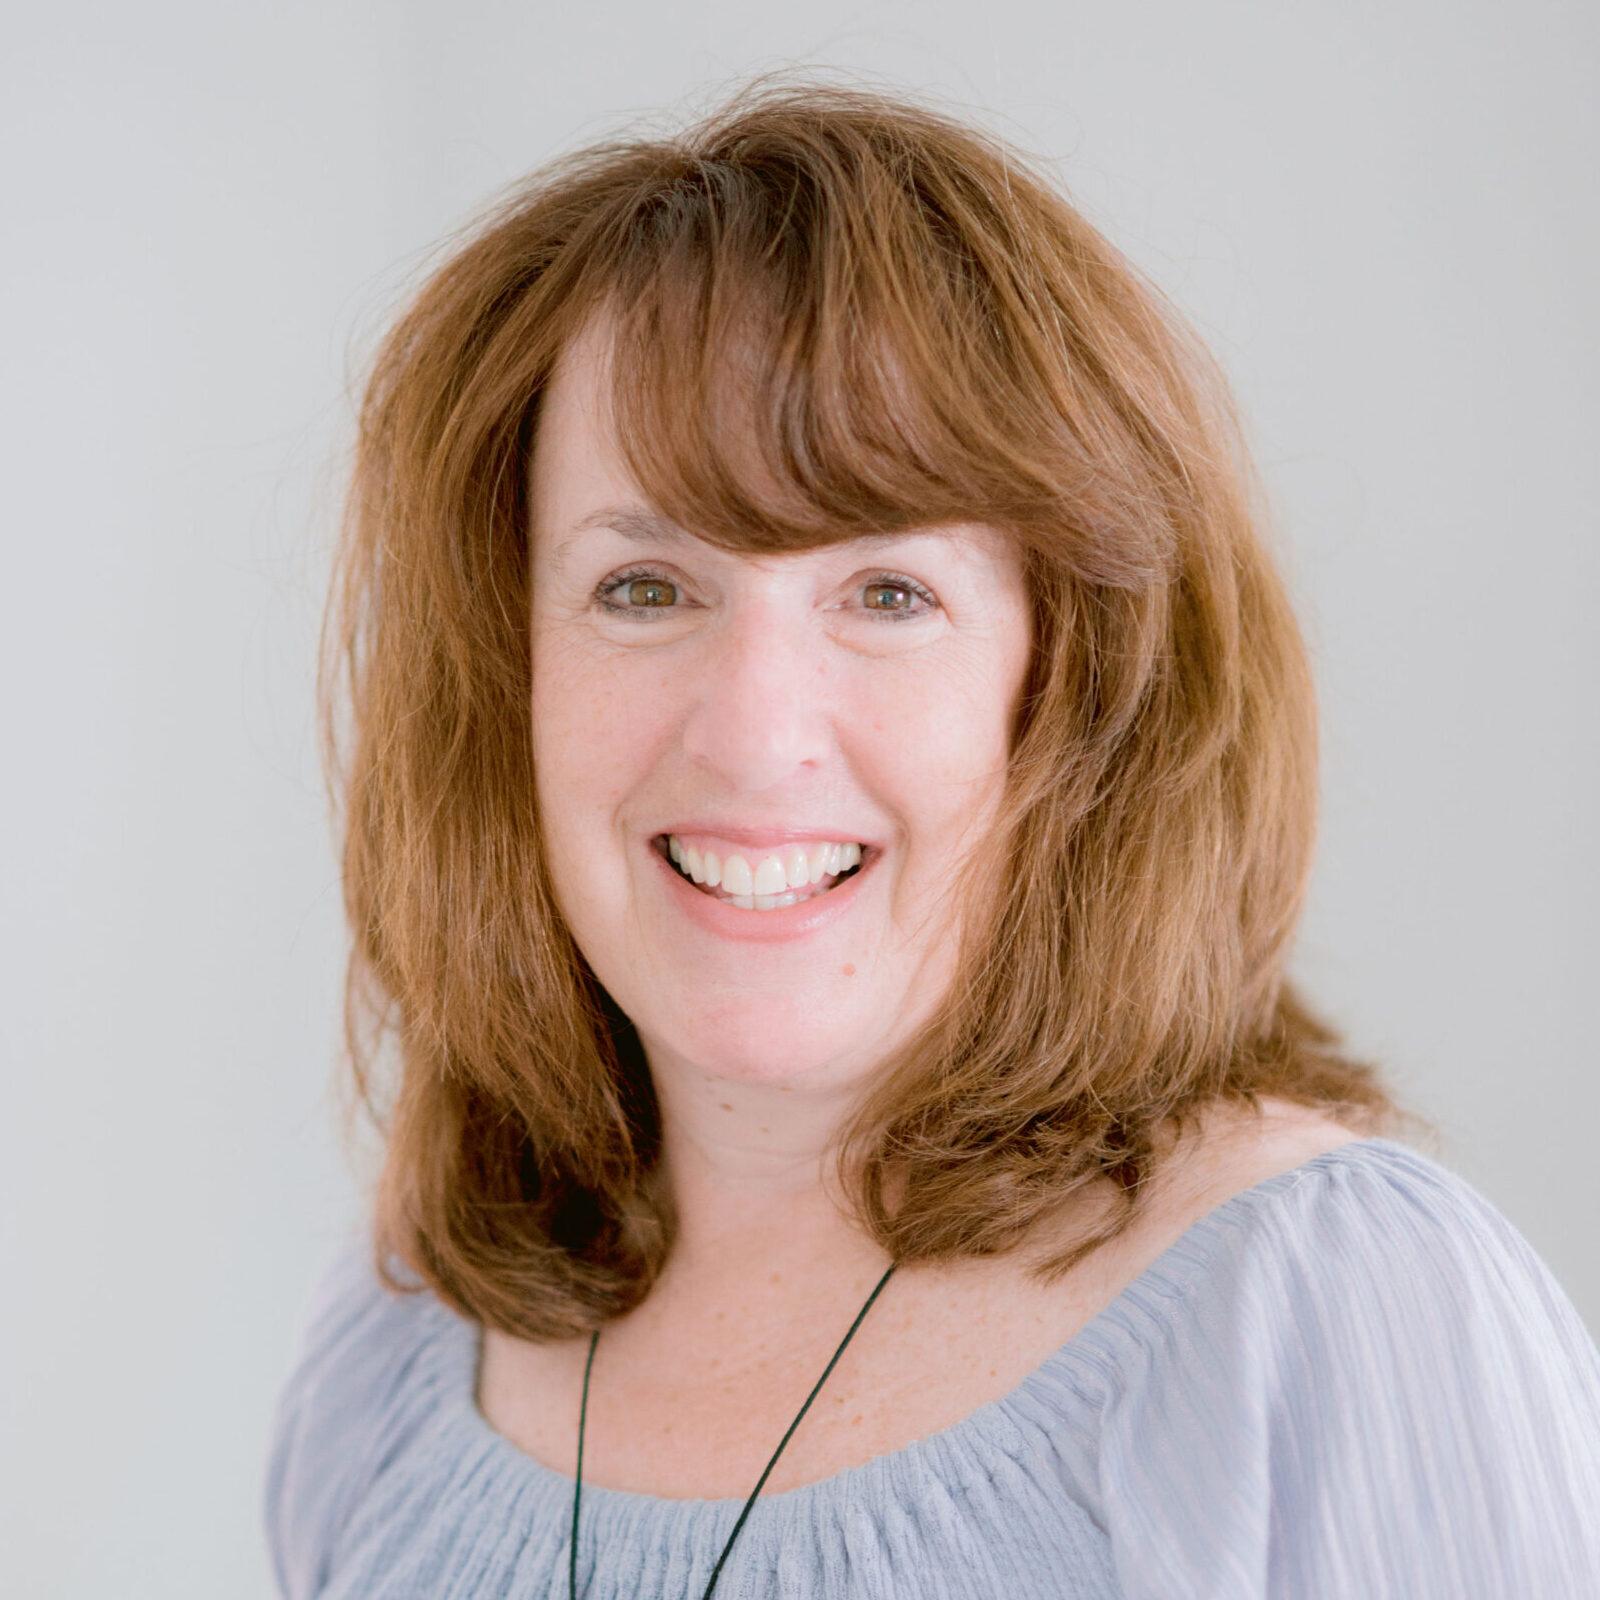 Beth Brauner